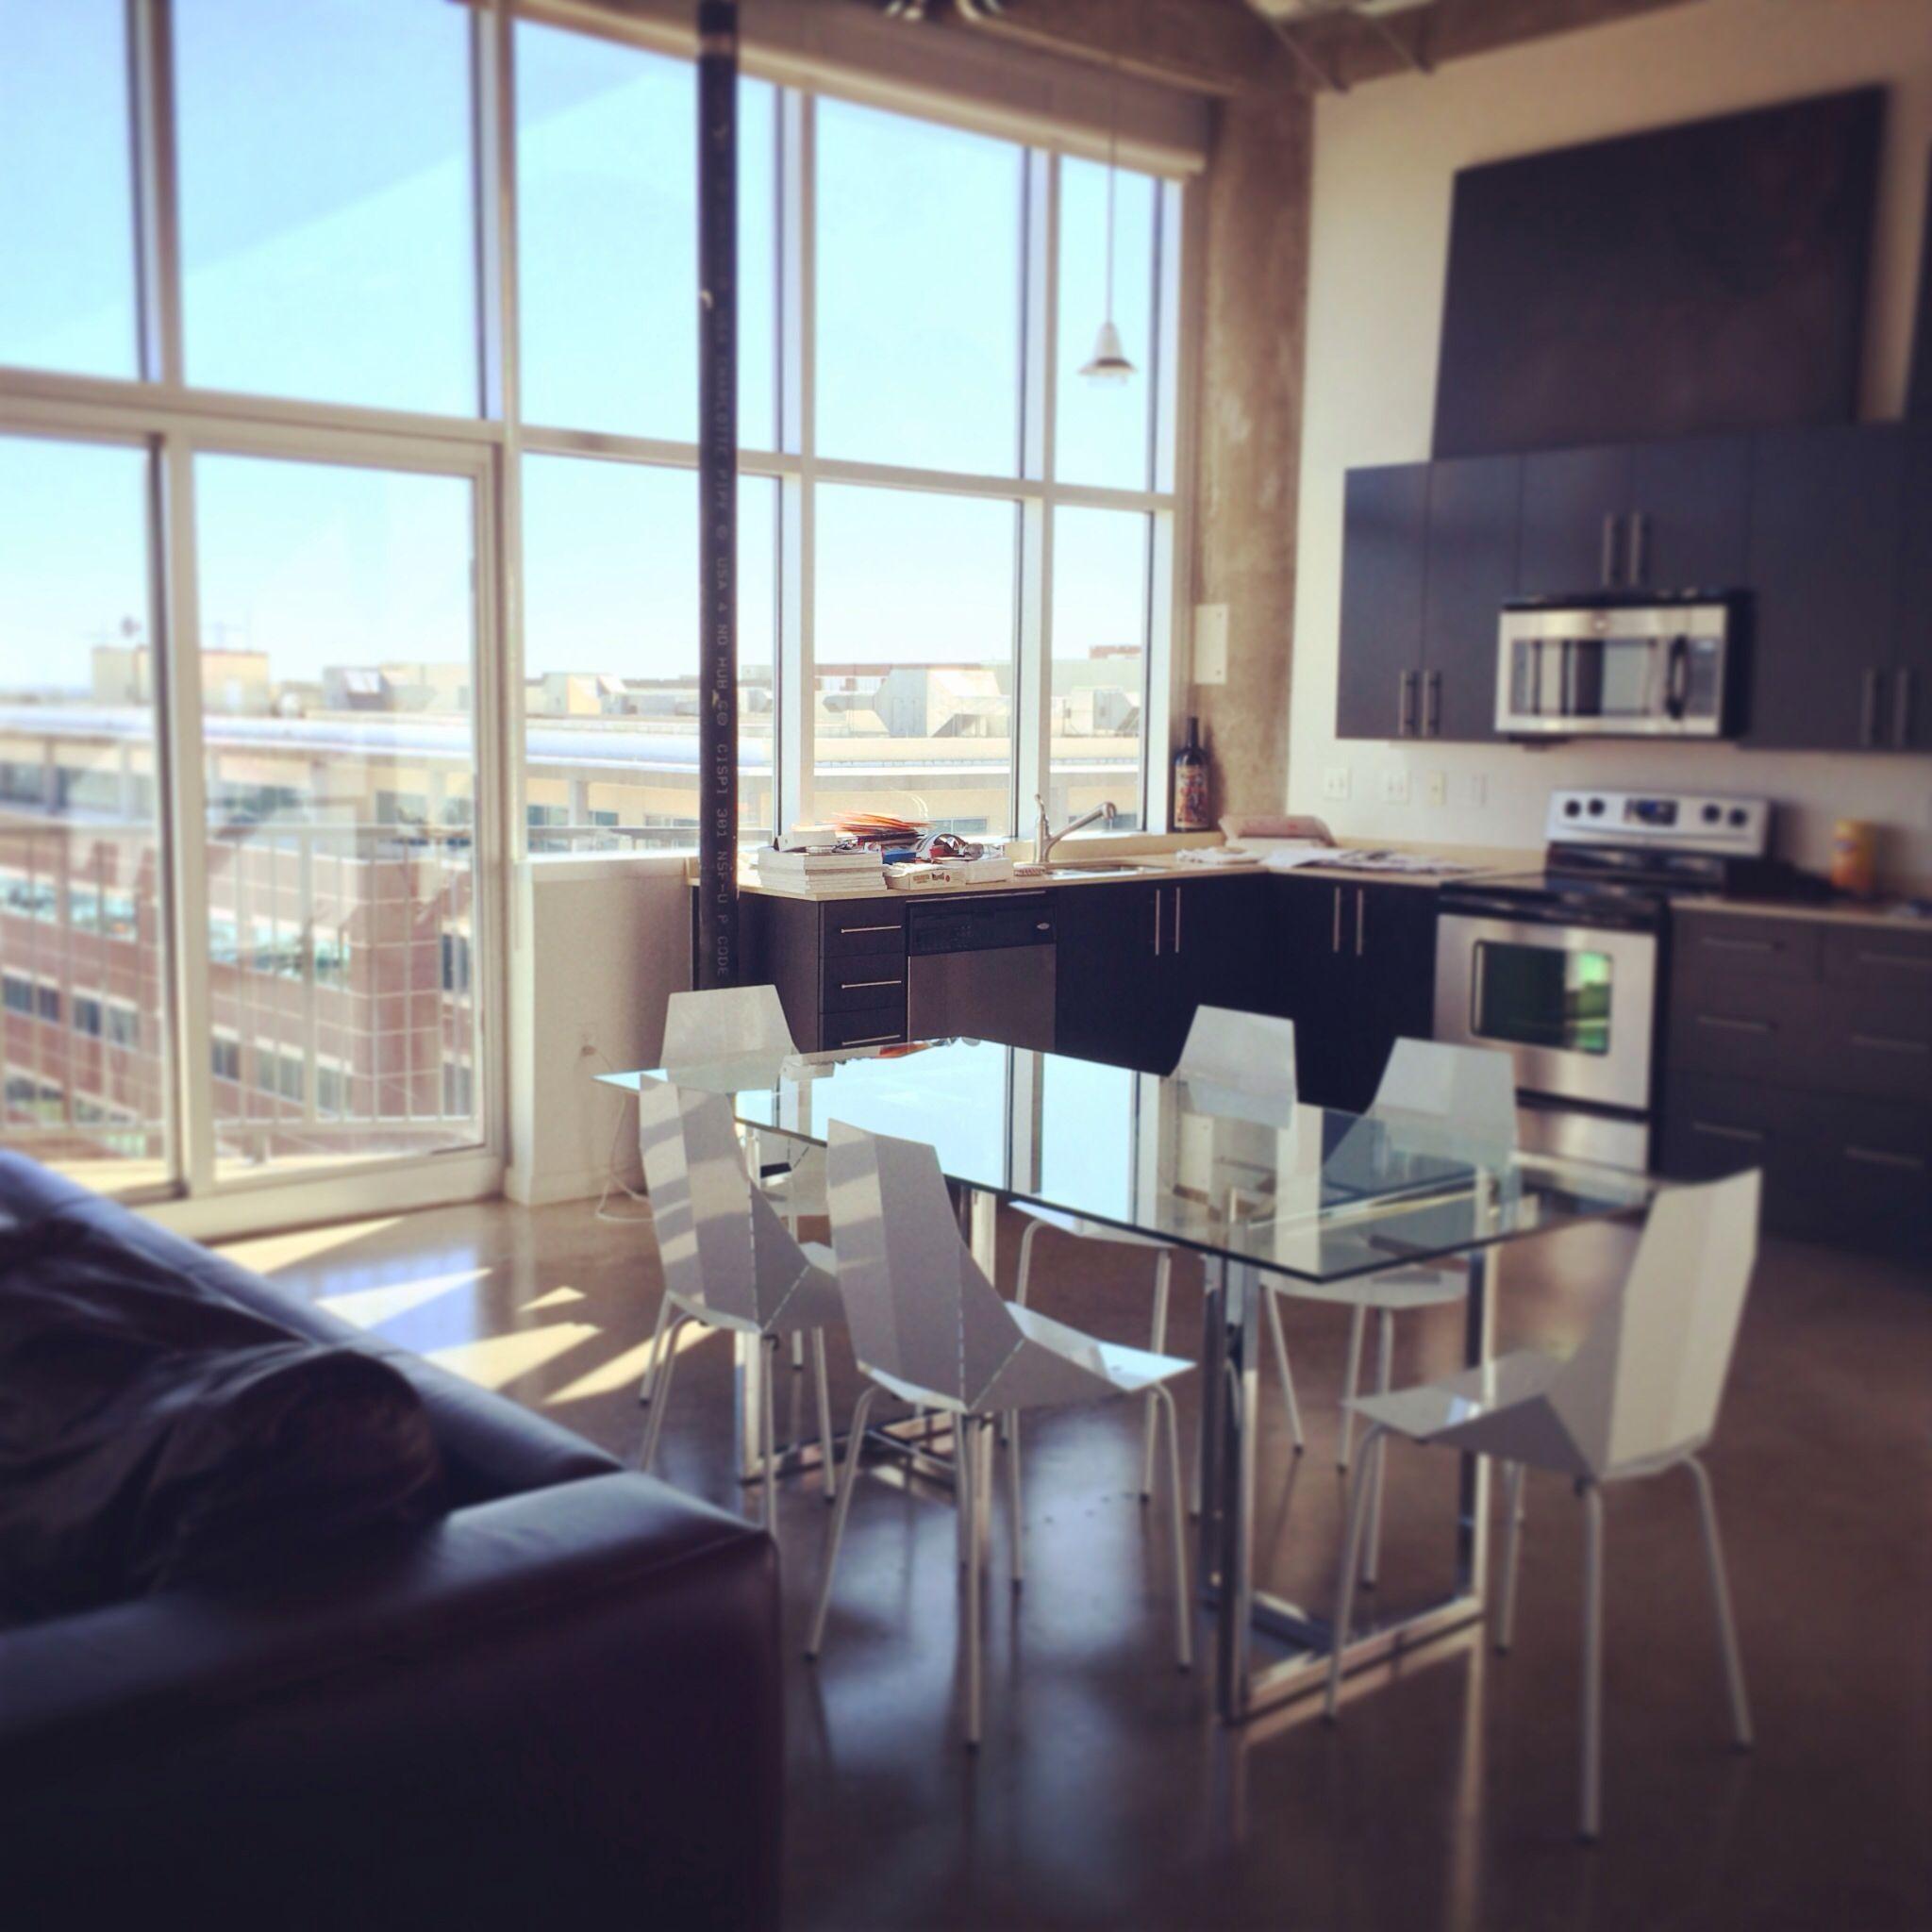 New Dining Room Set Up Table From Cb2 Http M Cb2 Com Silverado